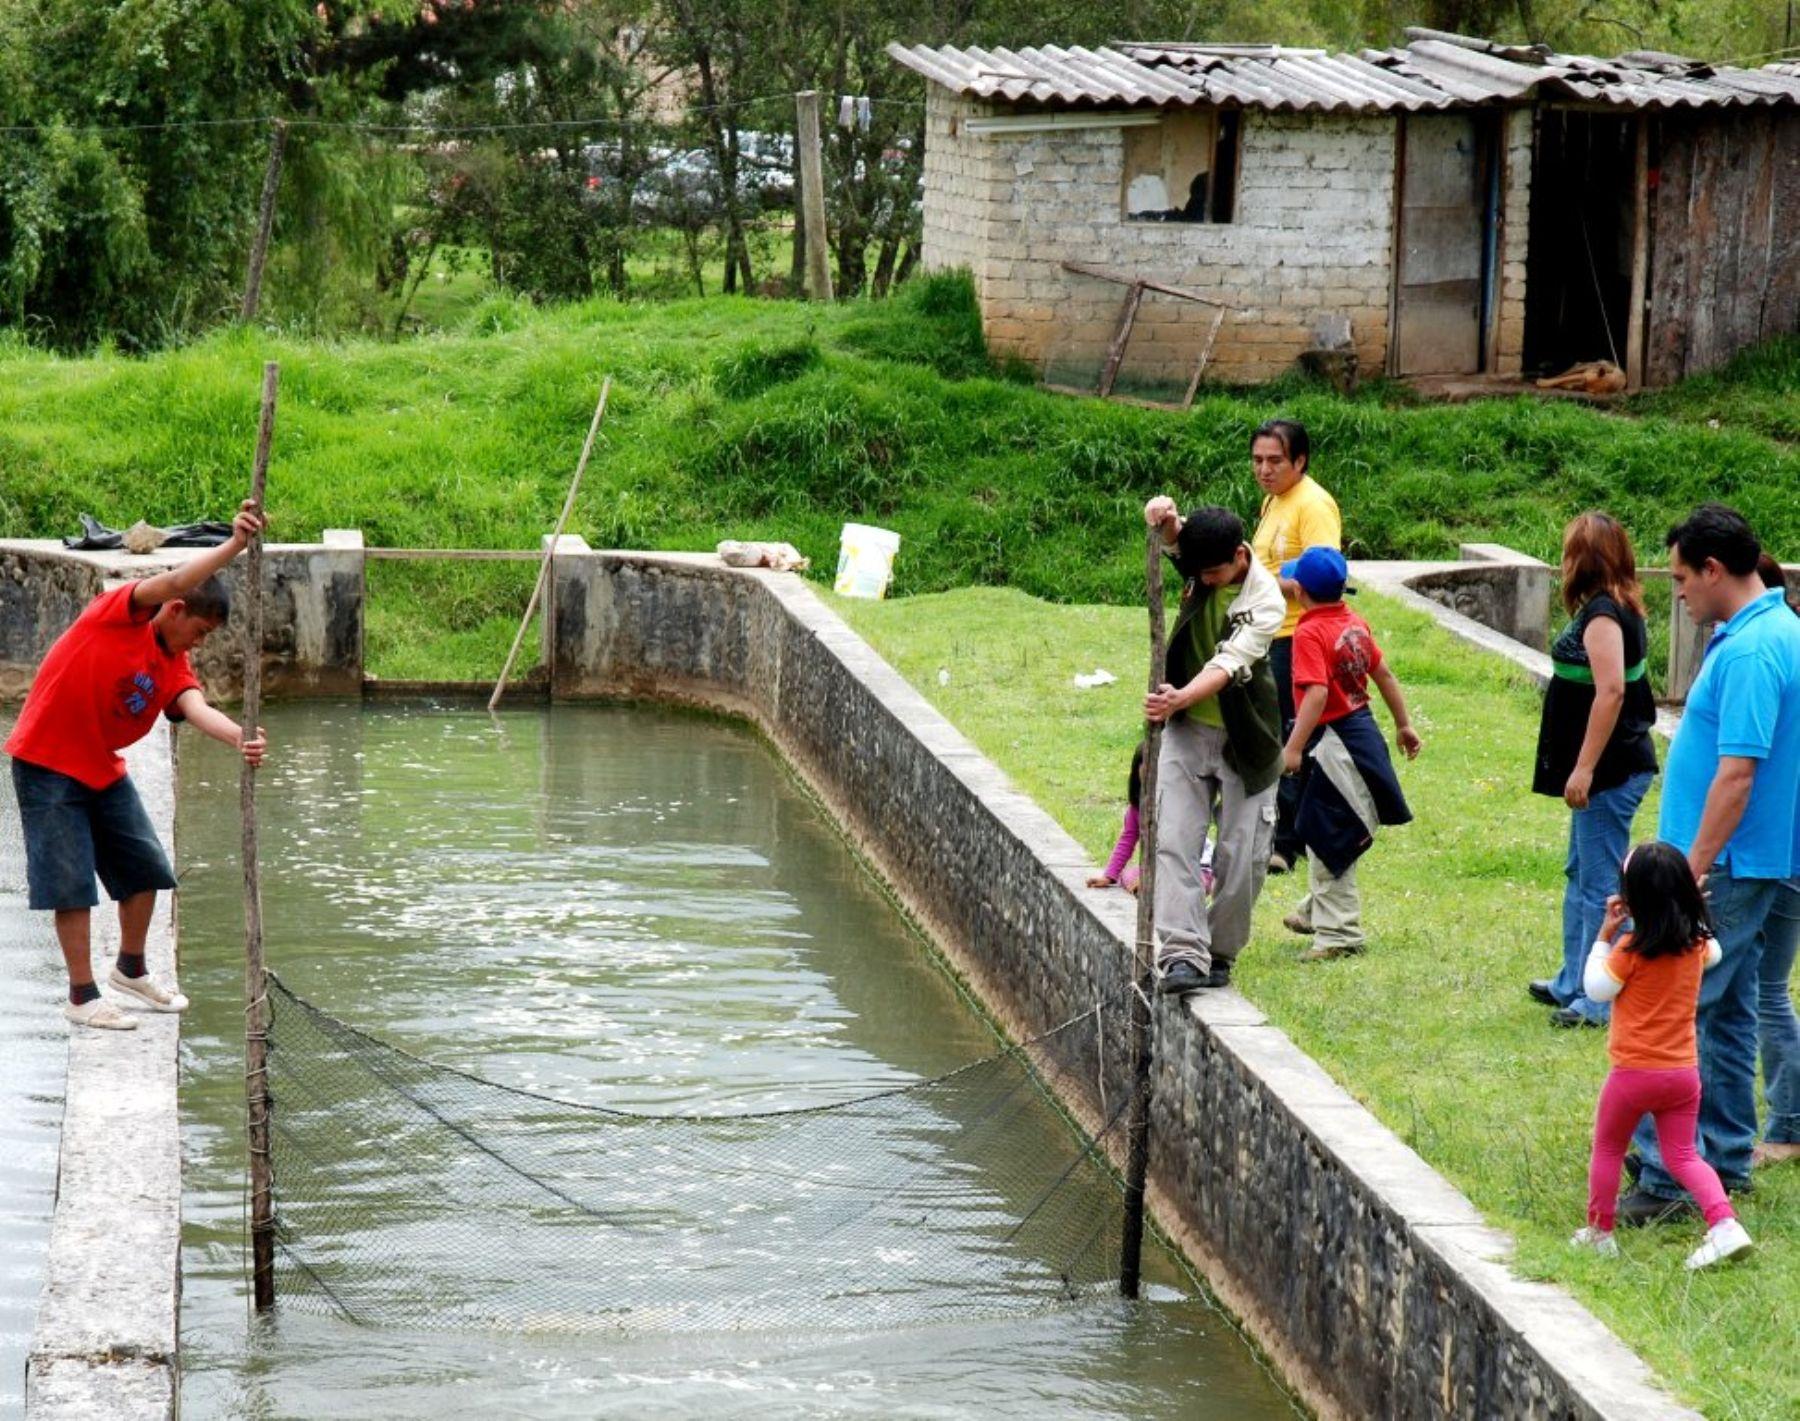 Cosecha de acuicultura crece en per y producci n podr a for Crianza de truchas en estanques